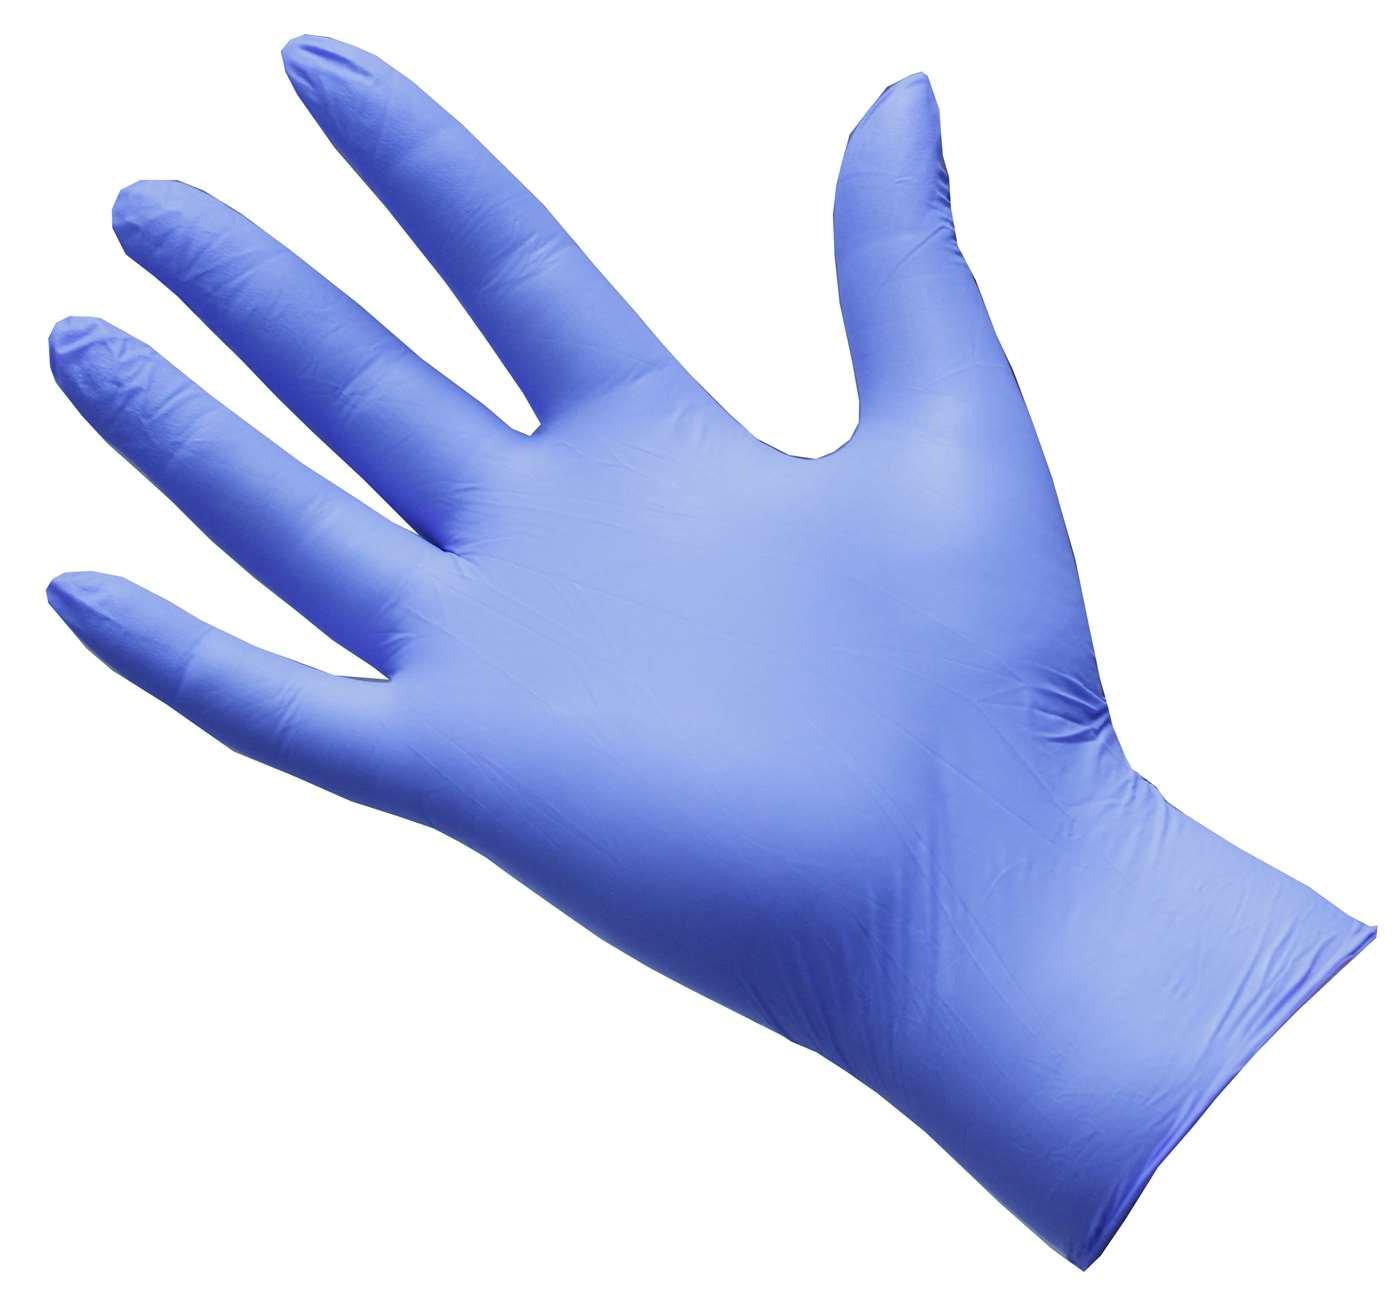 GEN X Violet Nitrile Gloves